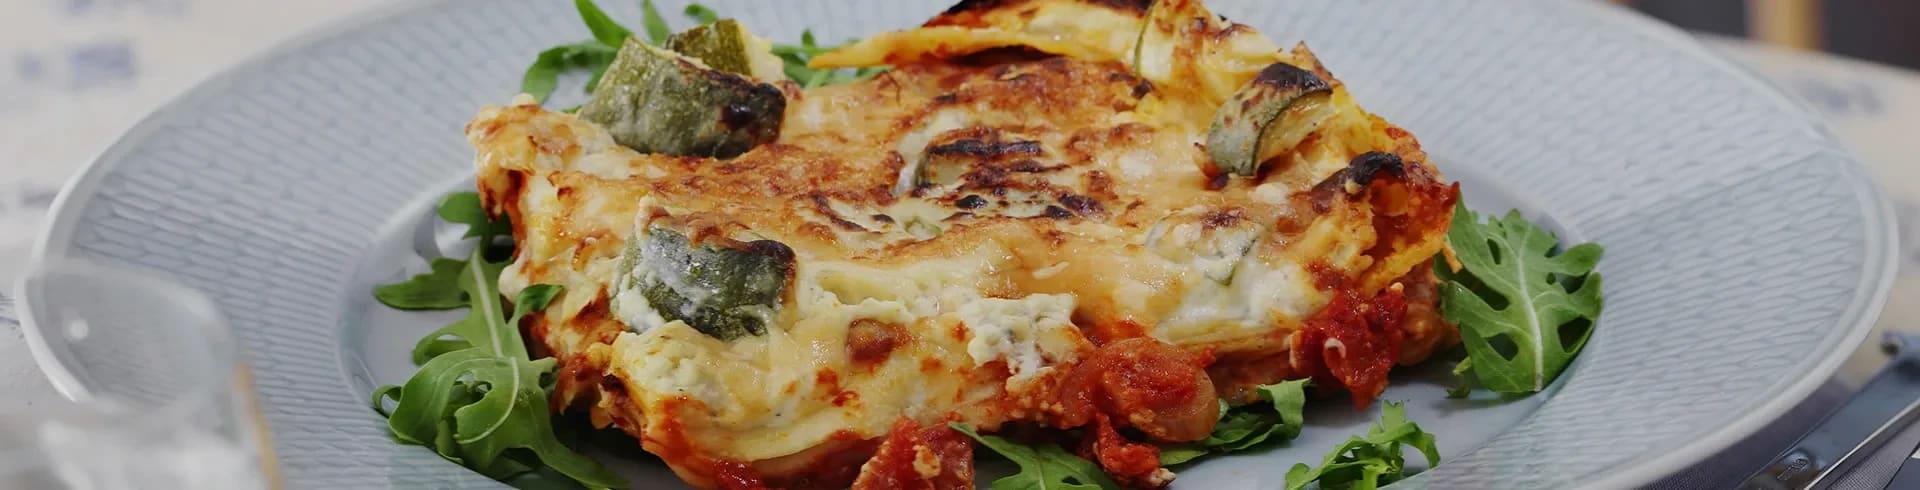 lasagne quornfärs recept